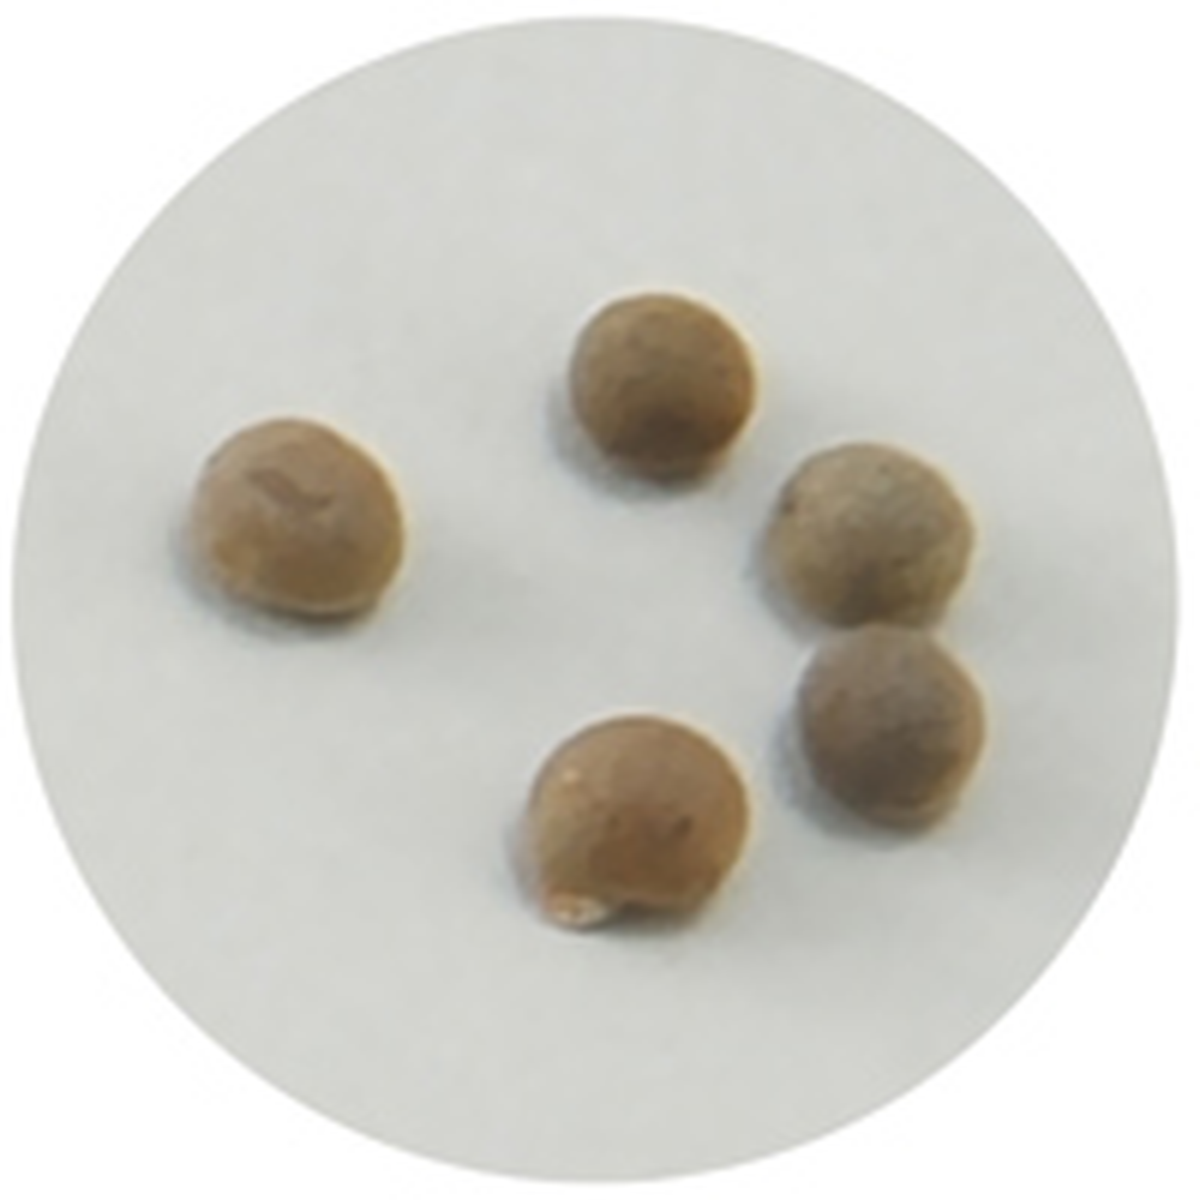 野菜の種 オクラ 2739 種 たね 野菜 おくらのたね オクラ ガーデニング 菜園 栽培 学習教材 理科